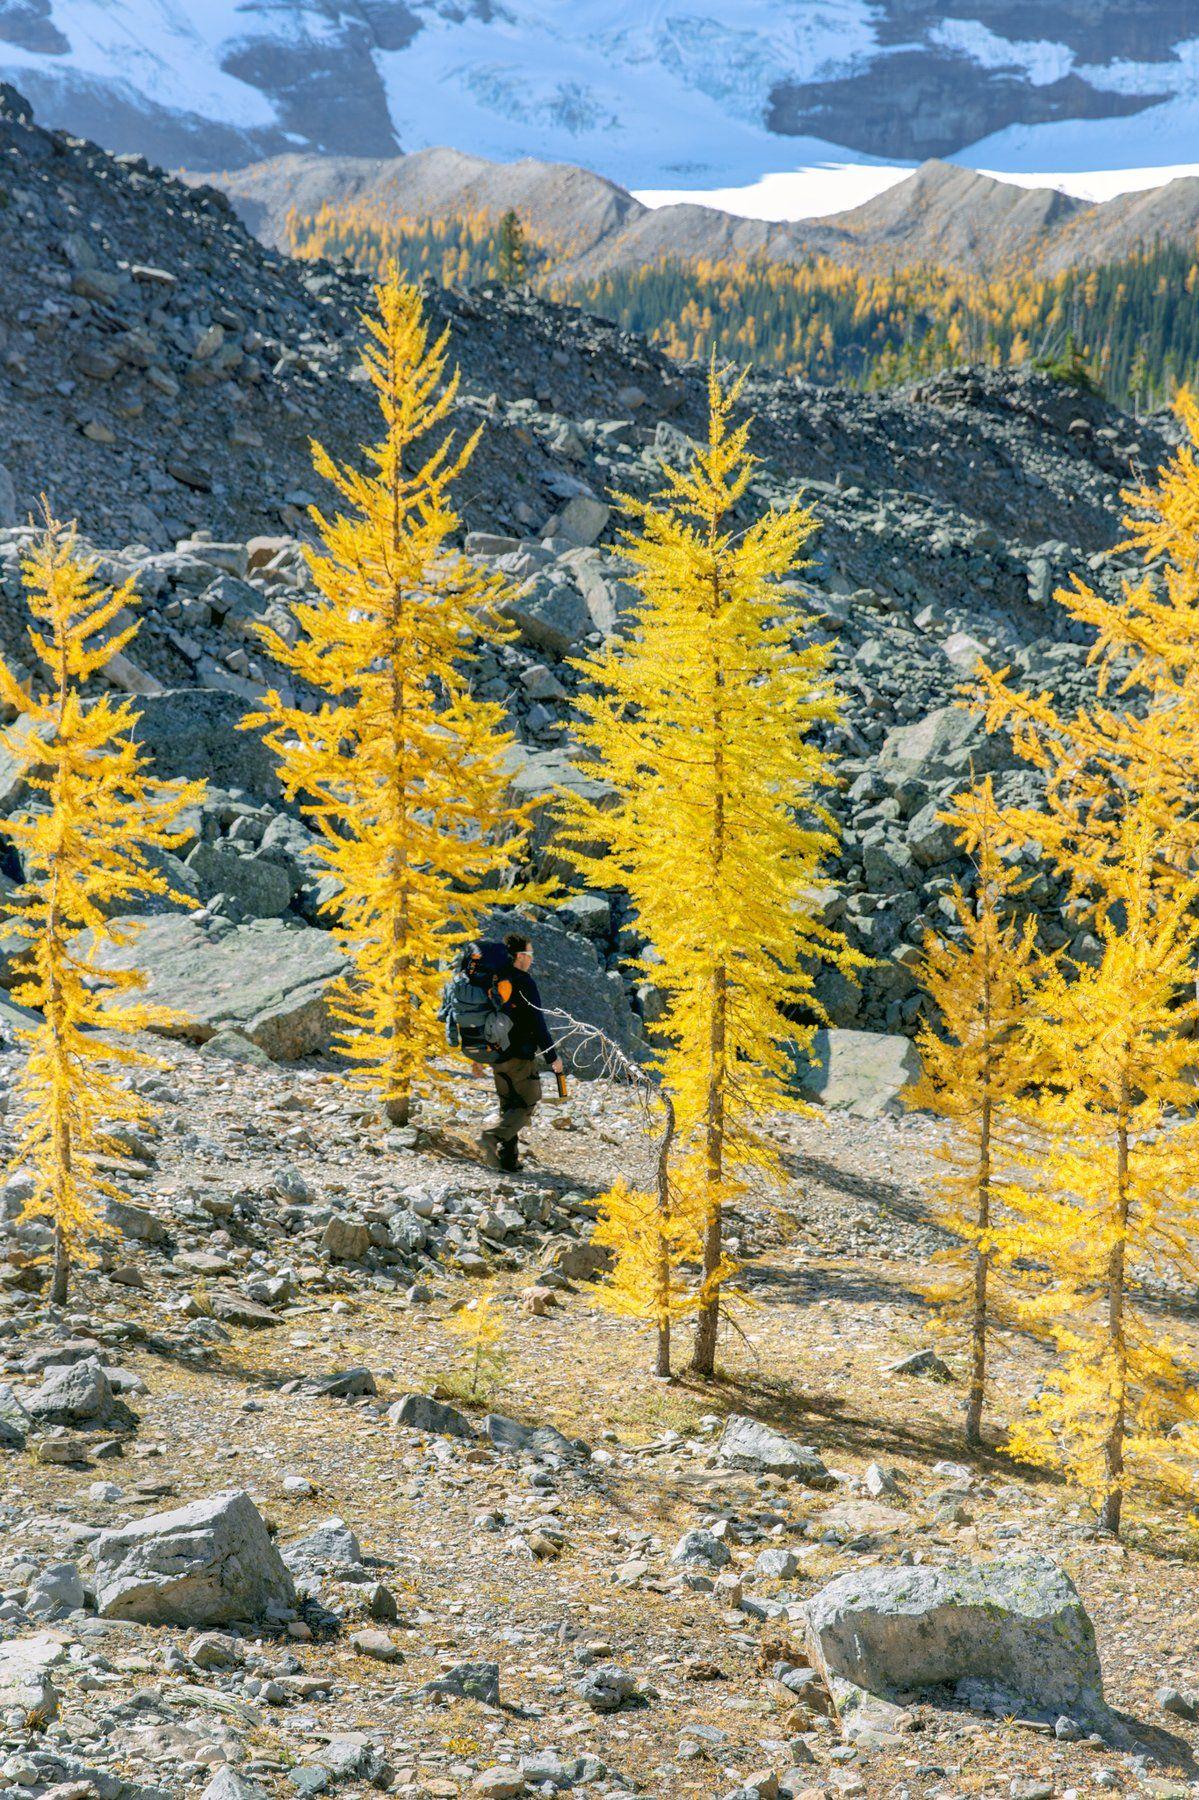 канада, альберта, банф, национальный парк банф, удивительная природа, исследуйте канаду, картины канадана, горные пики, гора hungabee, осень в канаде, сезон лиственницы, скалистые горы канады, парки канады, естественная красота, канадская фотография, дики, Marko Radovanovic